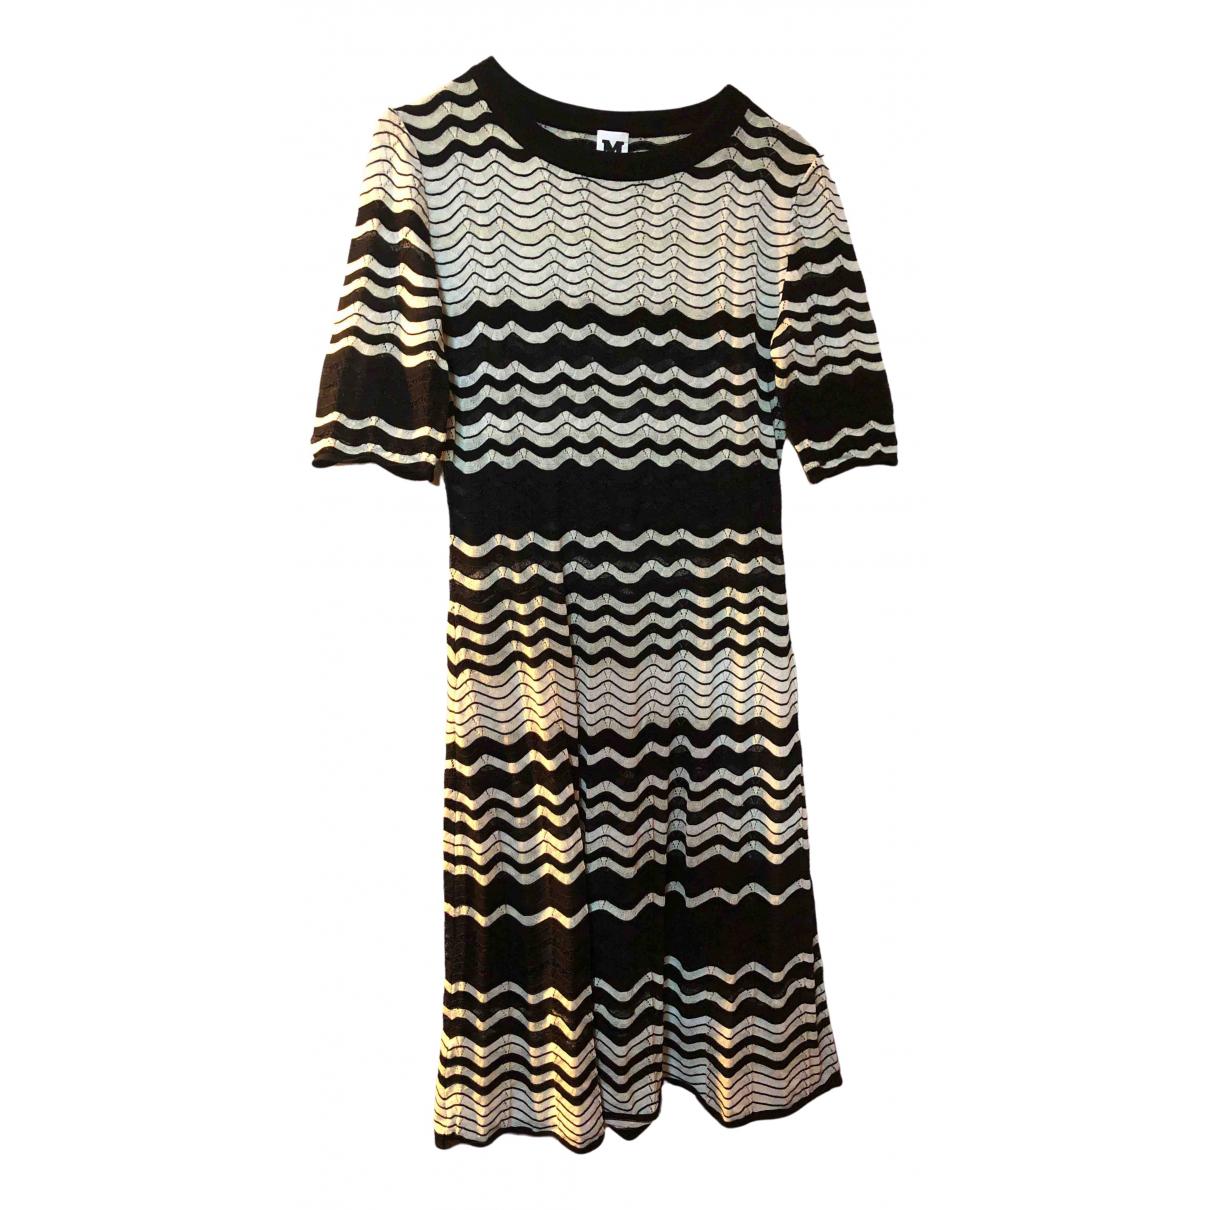 M Missoni \N White Cotton dress for Women 42 IT